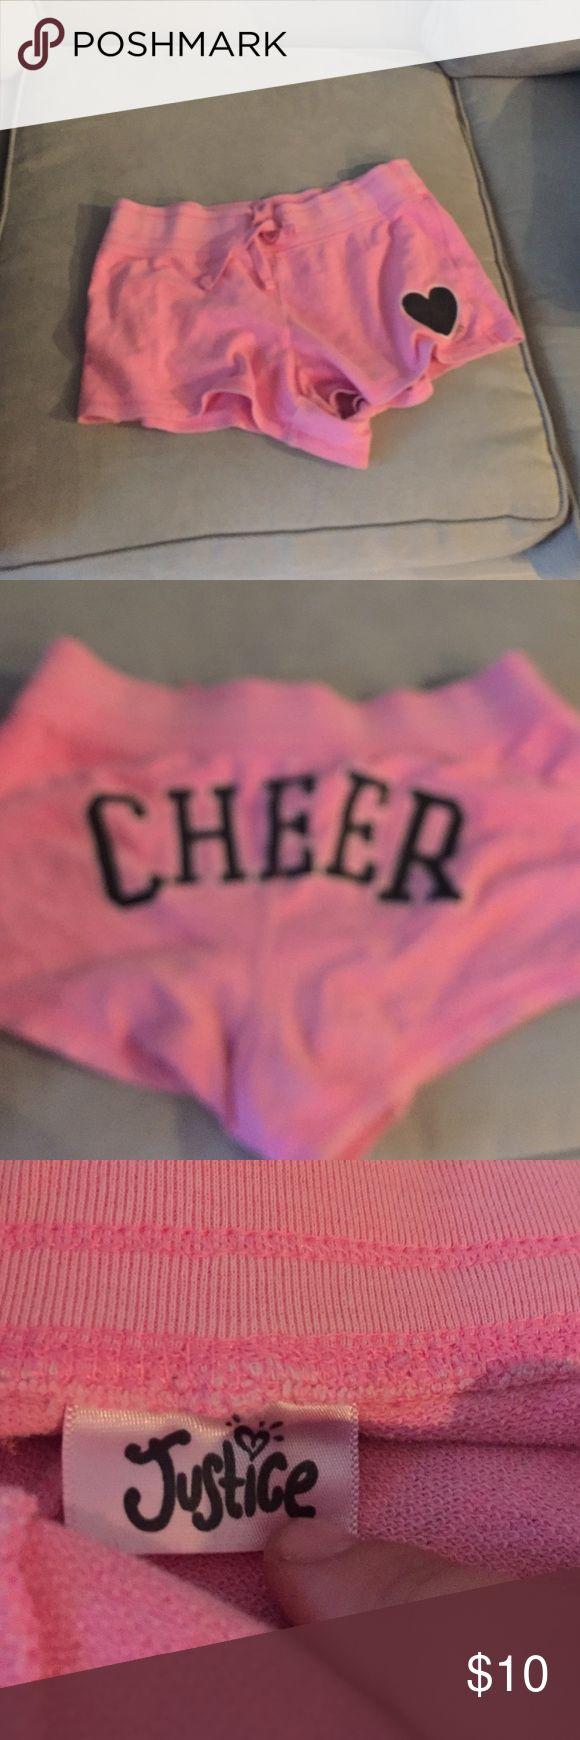 Justice shorts Pink Justice cheer shorts Justice Shorts